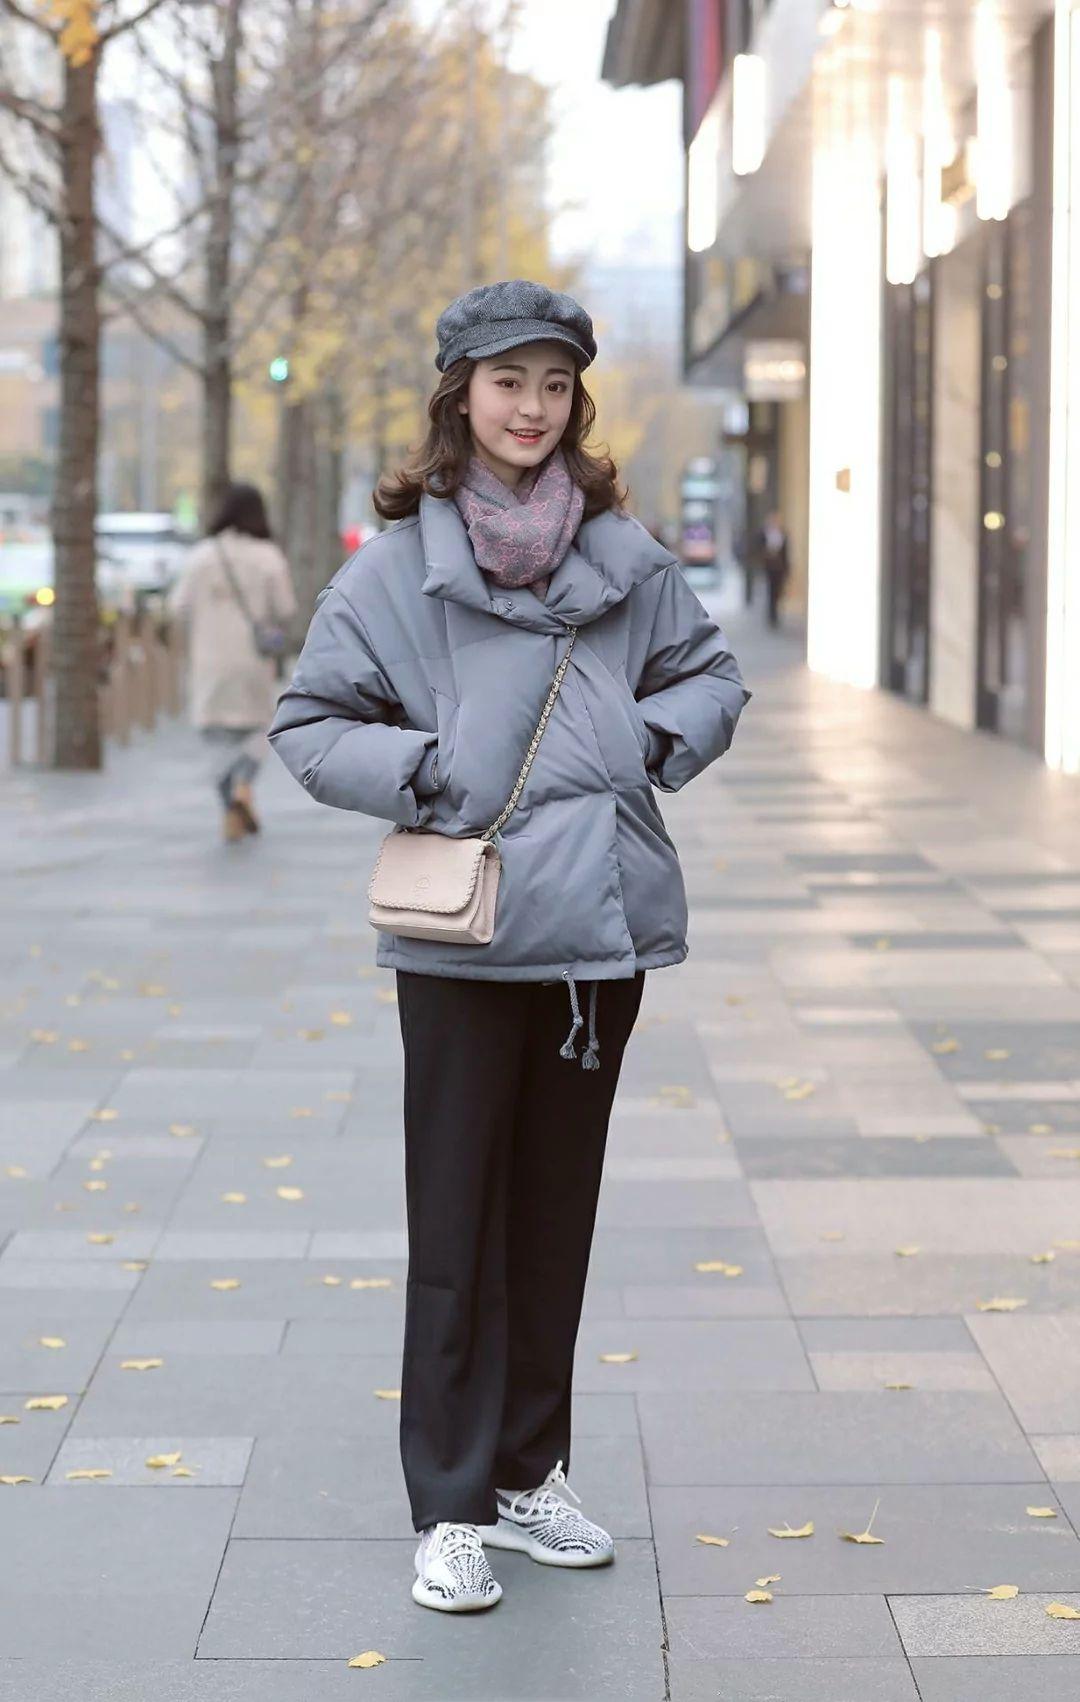 500块的高仿包包广州高仿奢侈品在哪当下最值得入手的经典包